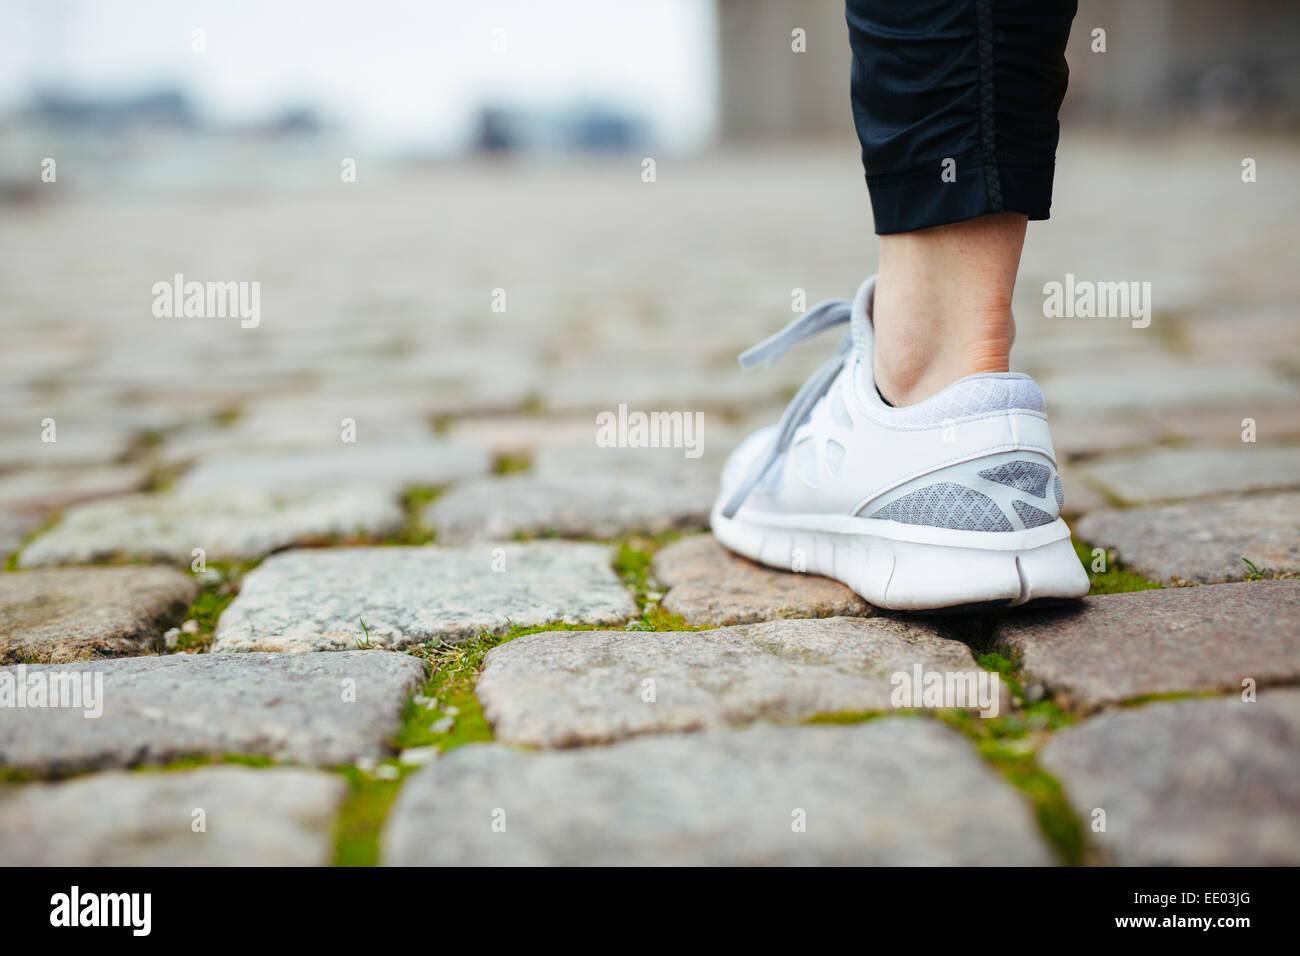 Bein der weiblichen Jogger laufen auf Asphalt. Schwerpunkt der Schuhe. Frau Füße auf Bürgersteig. Stockbild